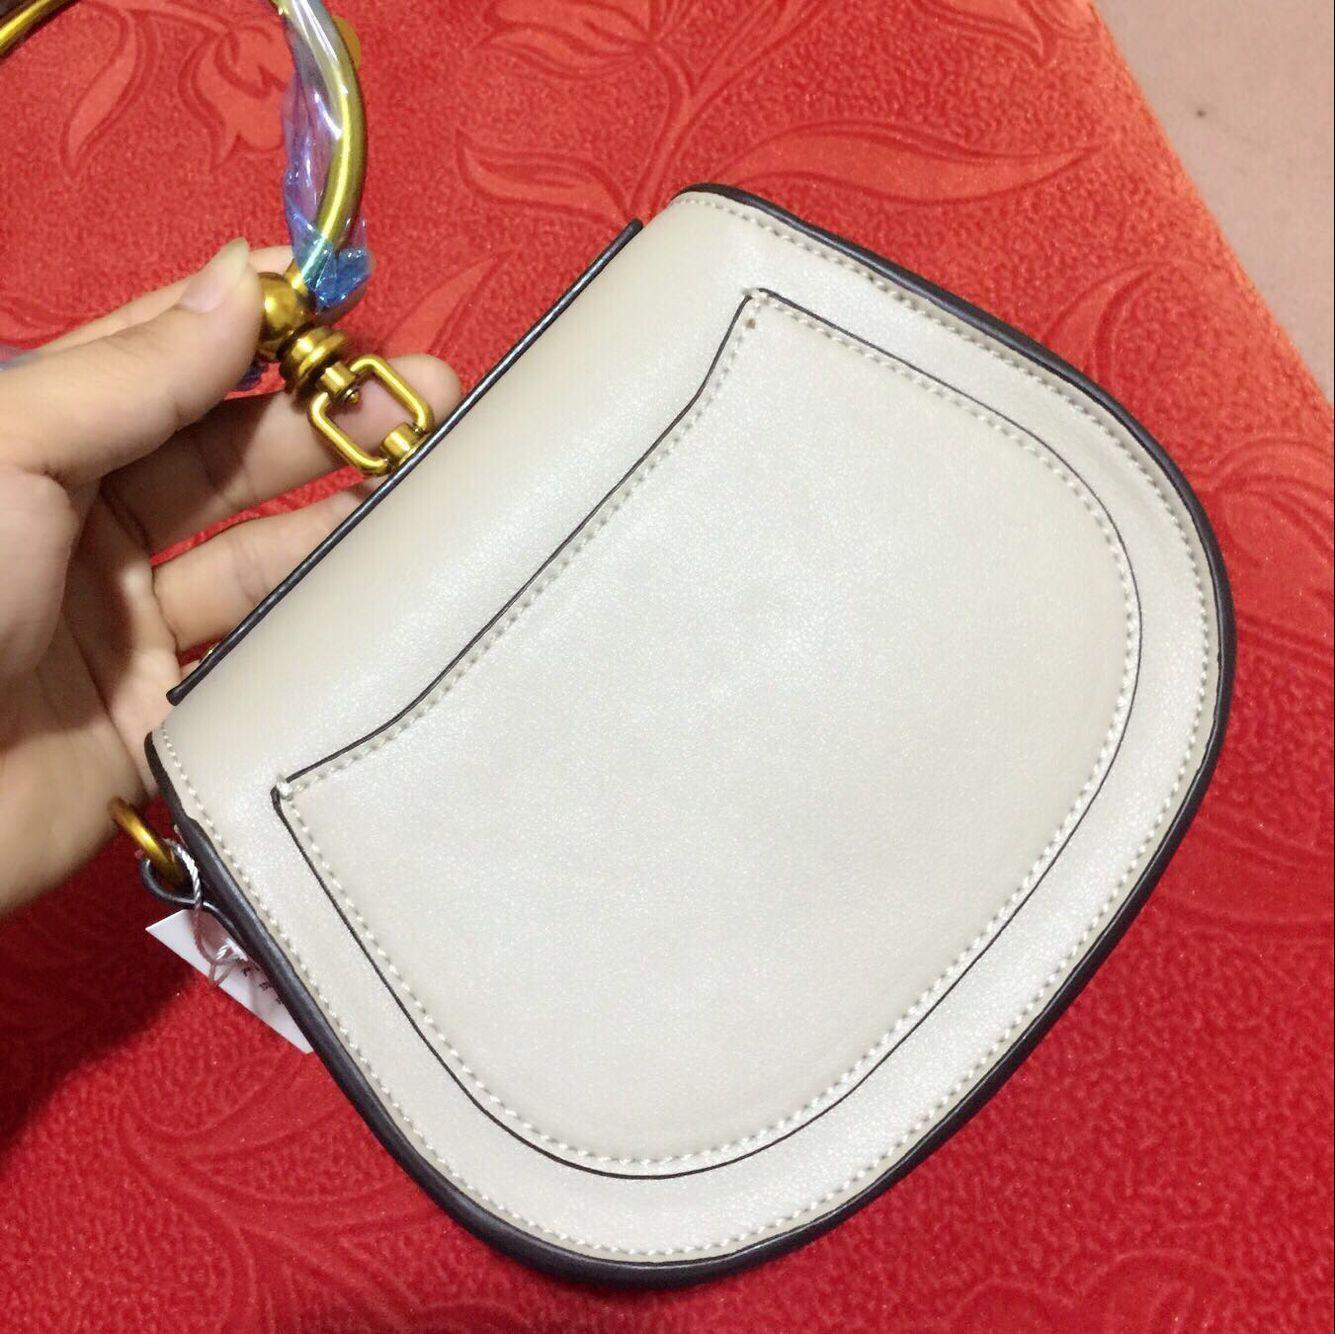 Été Nouveau cuir véritable sac à main sac à main en métal baguette selle selle selle nile poignée sac bracelet sac de bruits de bandoulière femme